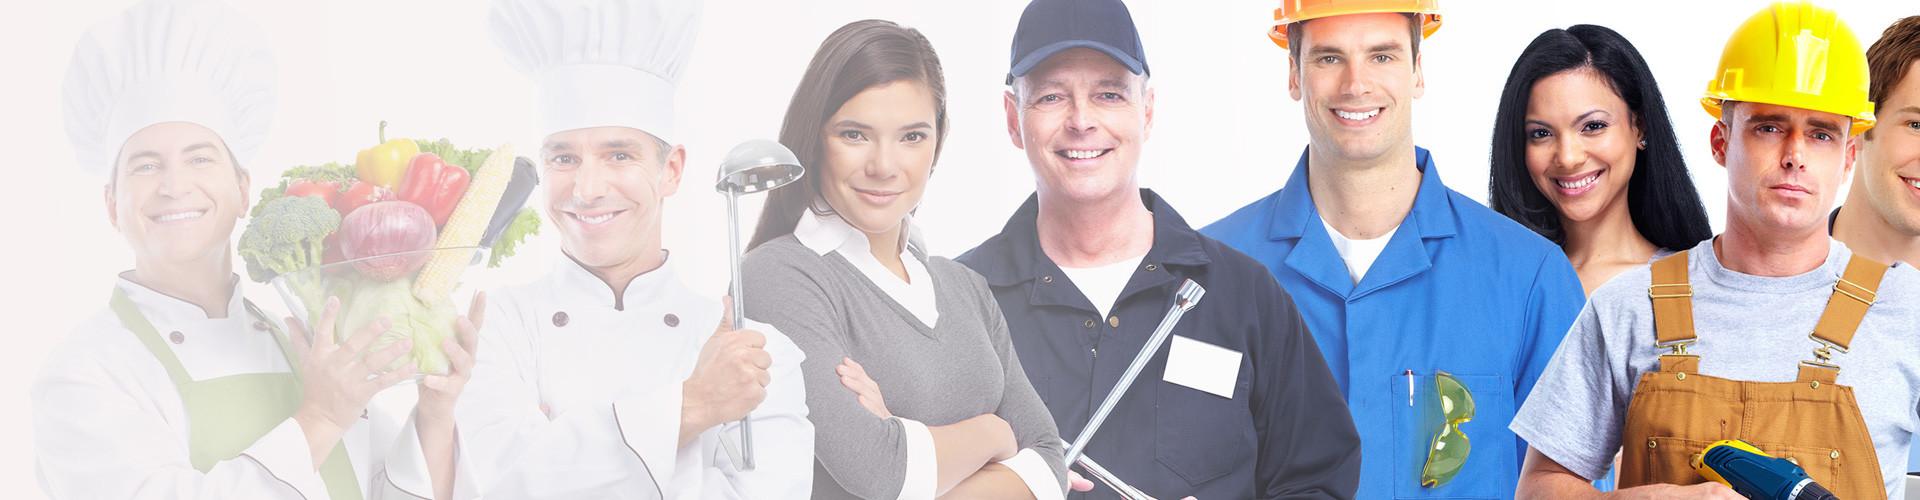 verschiedene Personen in verschiedenen Berufen © kurhan, stock.adobe.com